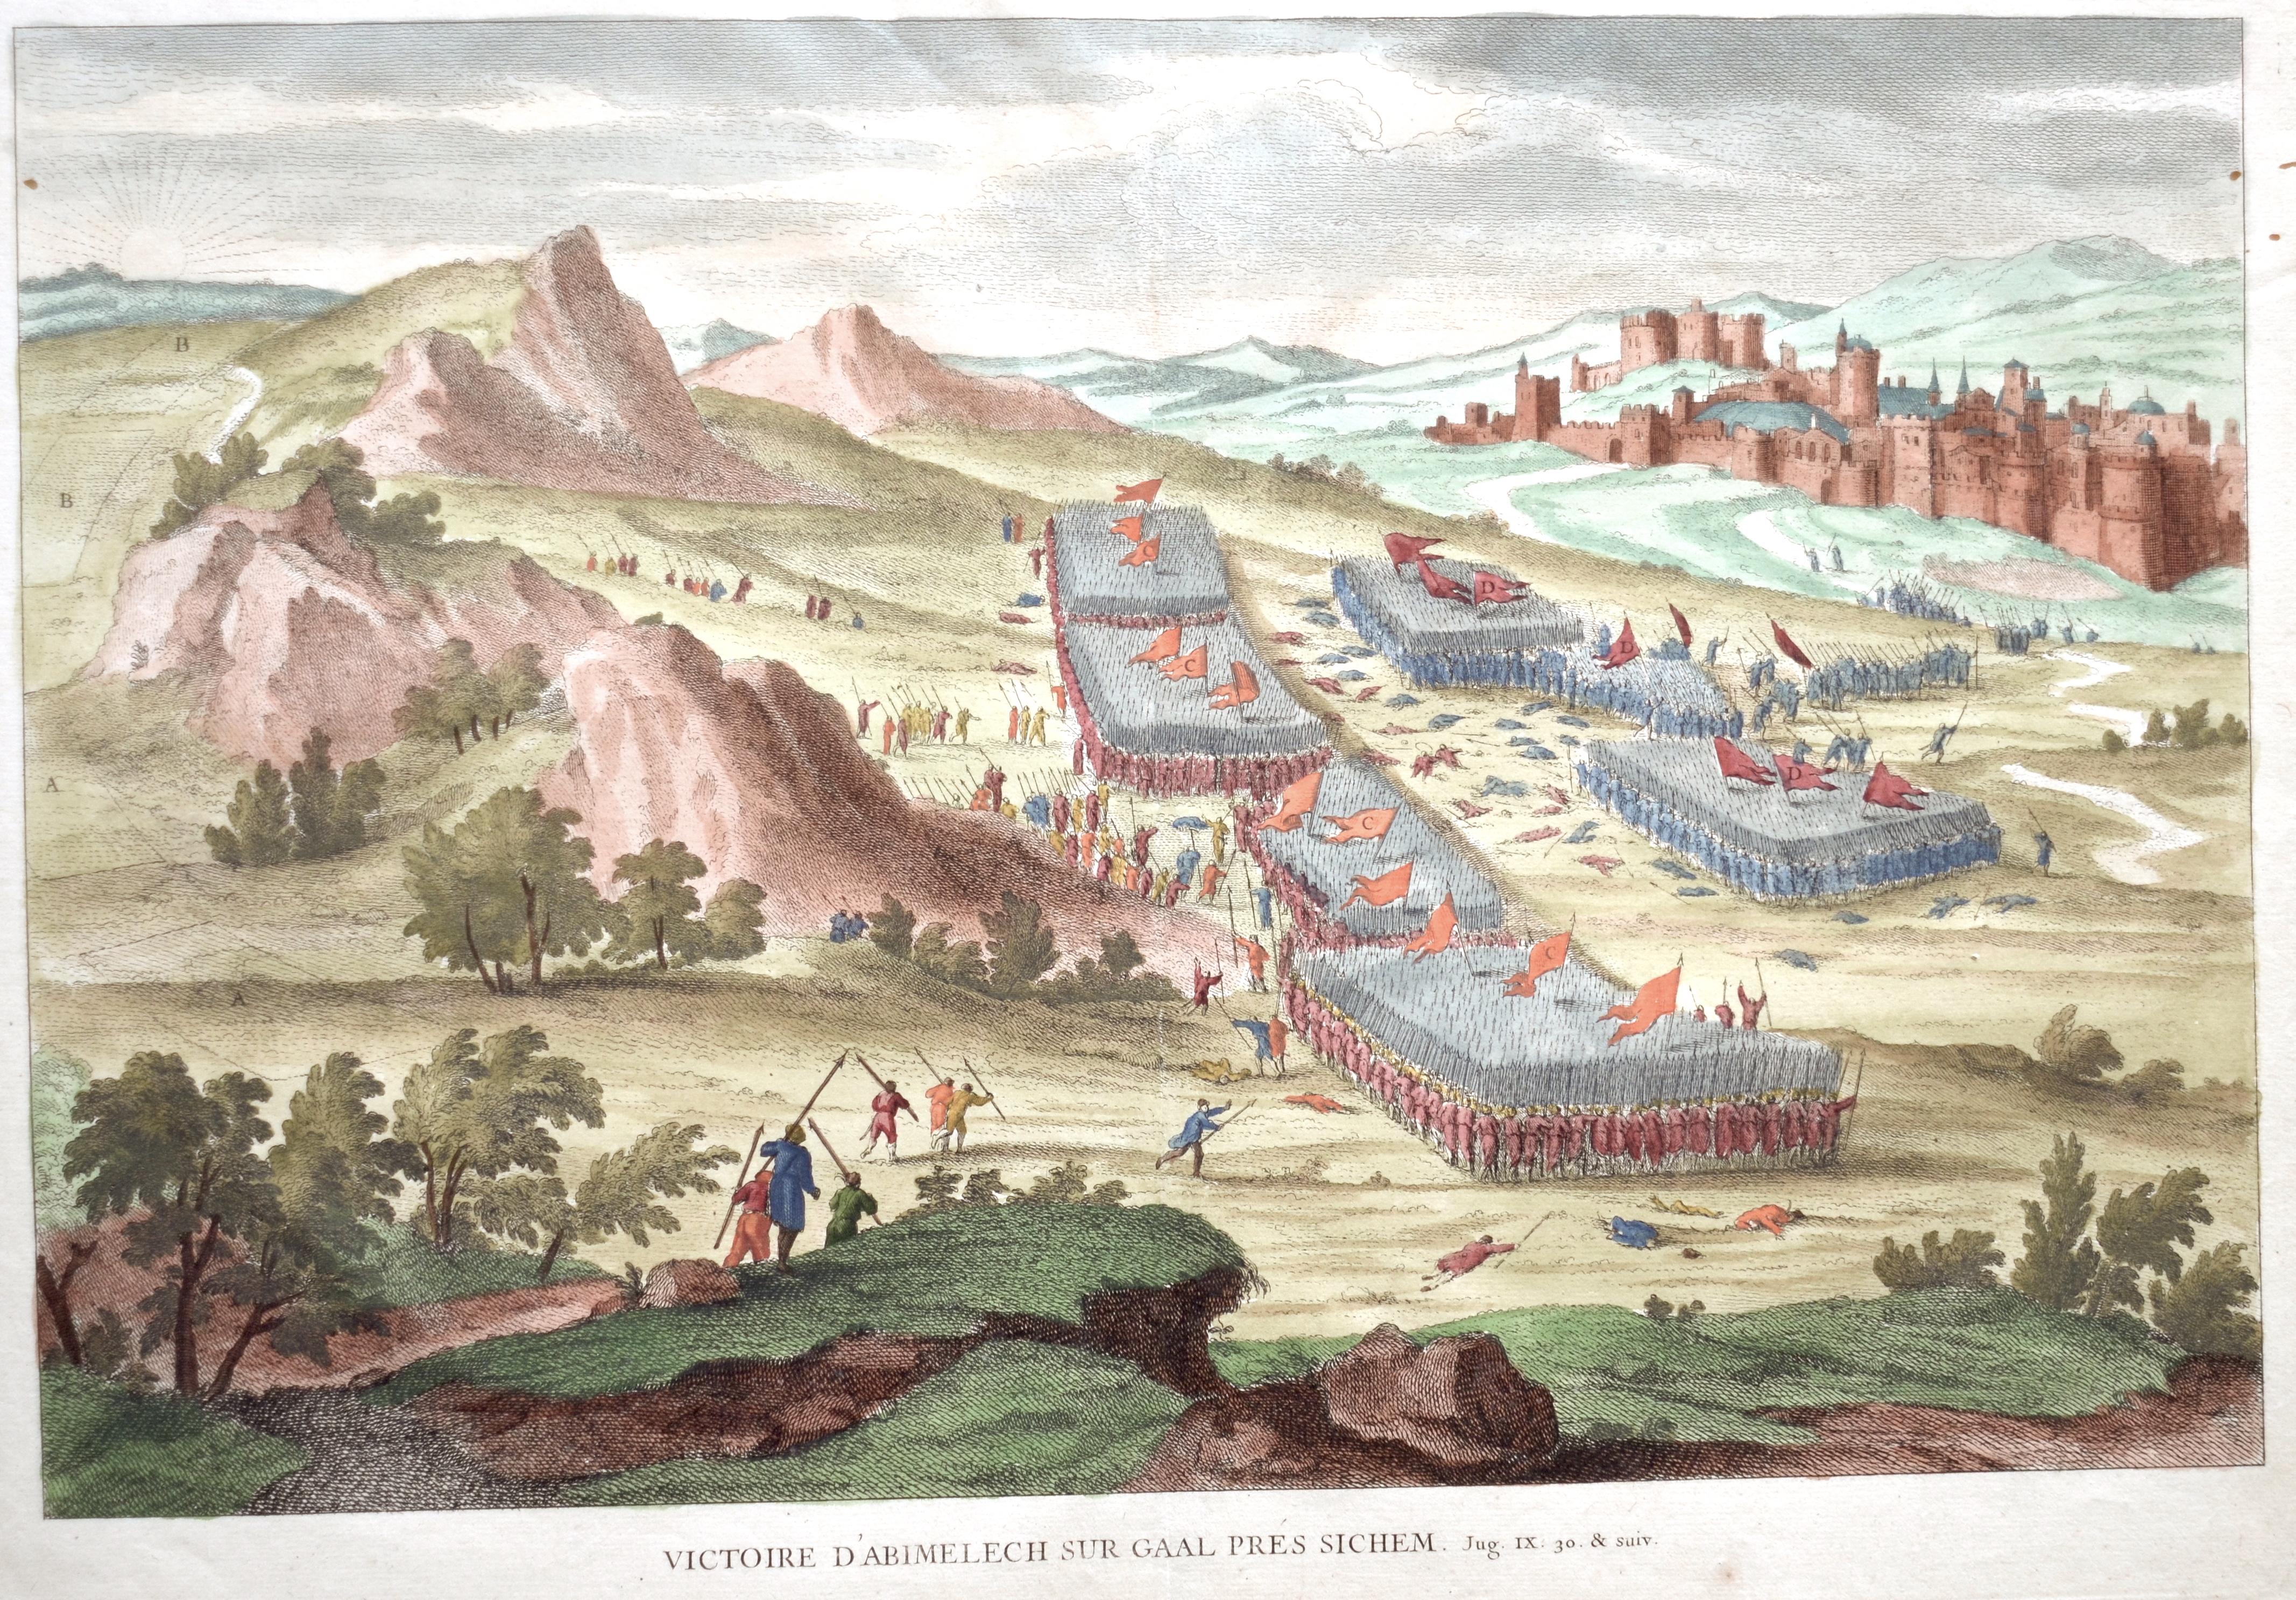 Anonymus  Victoire d'Abimelech sur gaal prés Sichem.